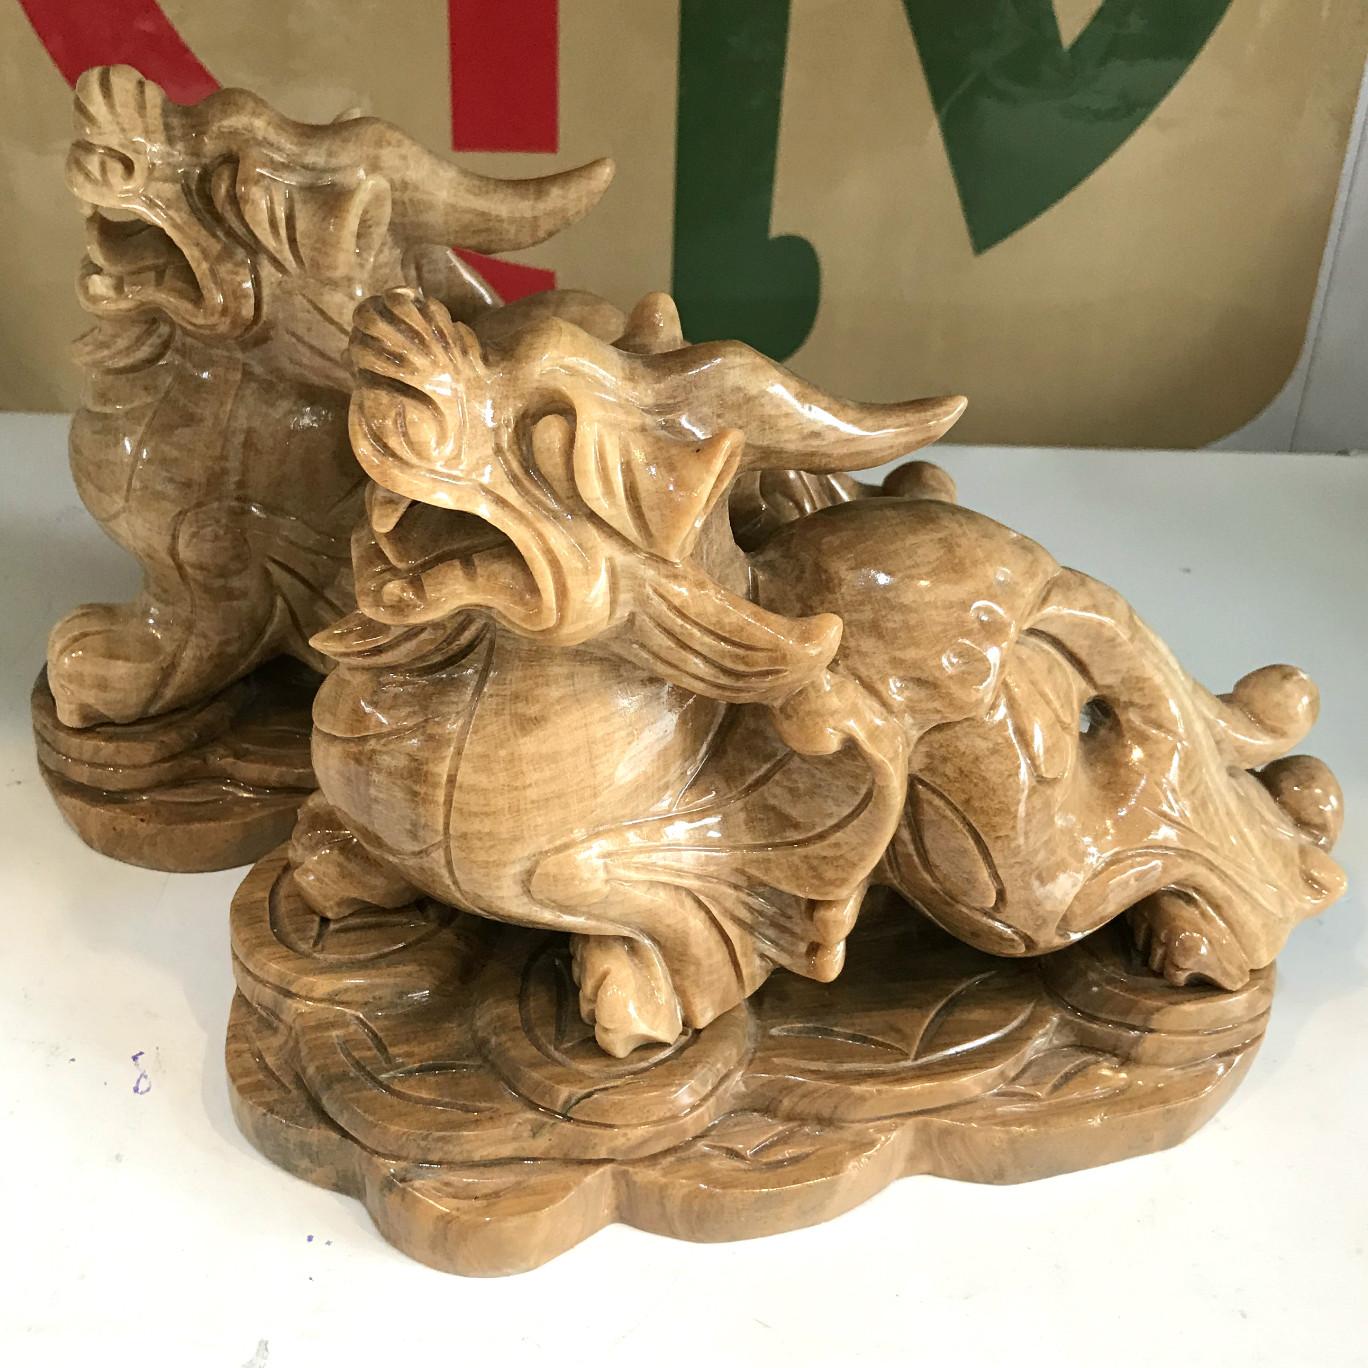 Tỳ hưu đá tự nhiên màu vàng cho người mệnh Kim và Thổ ngọc tự nhiên vàng nâu của VN nặng 5kg bao gồm cả chân đế